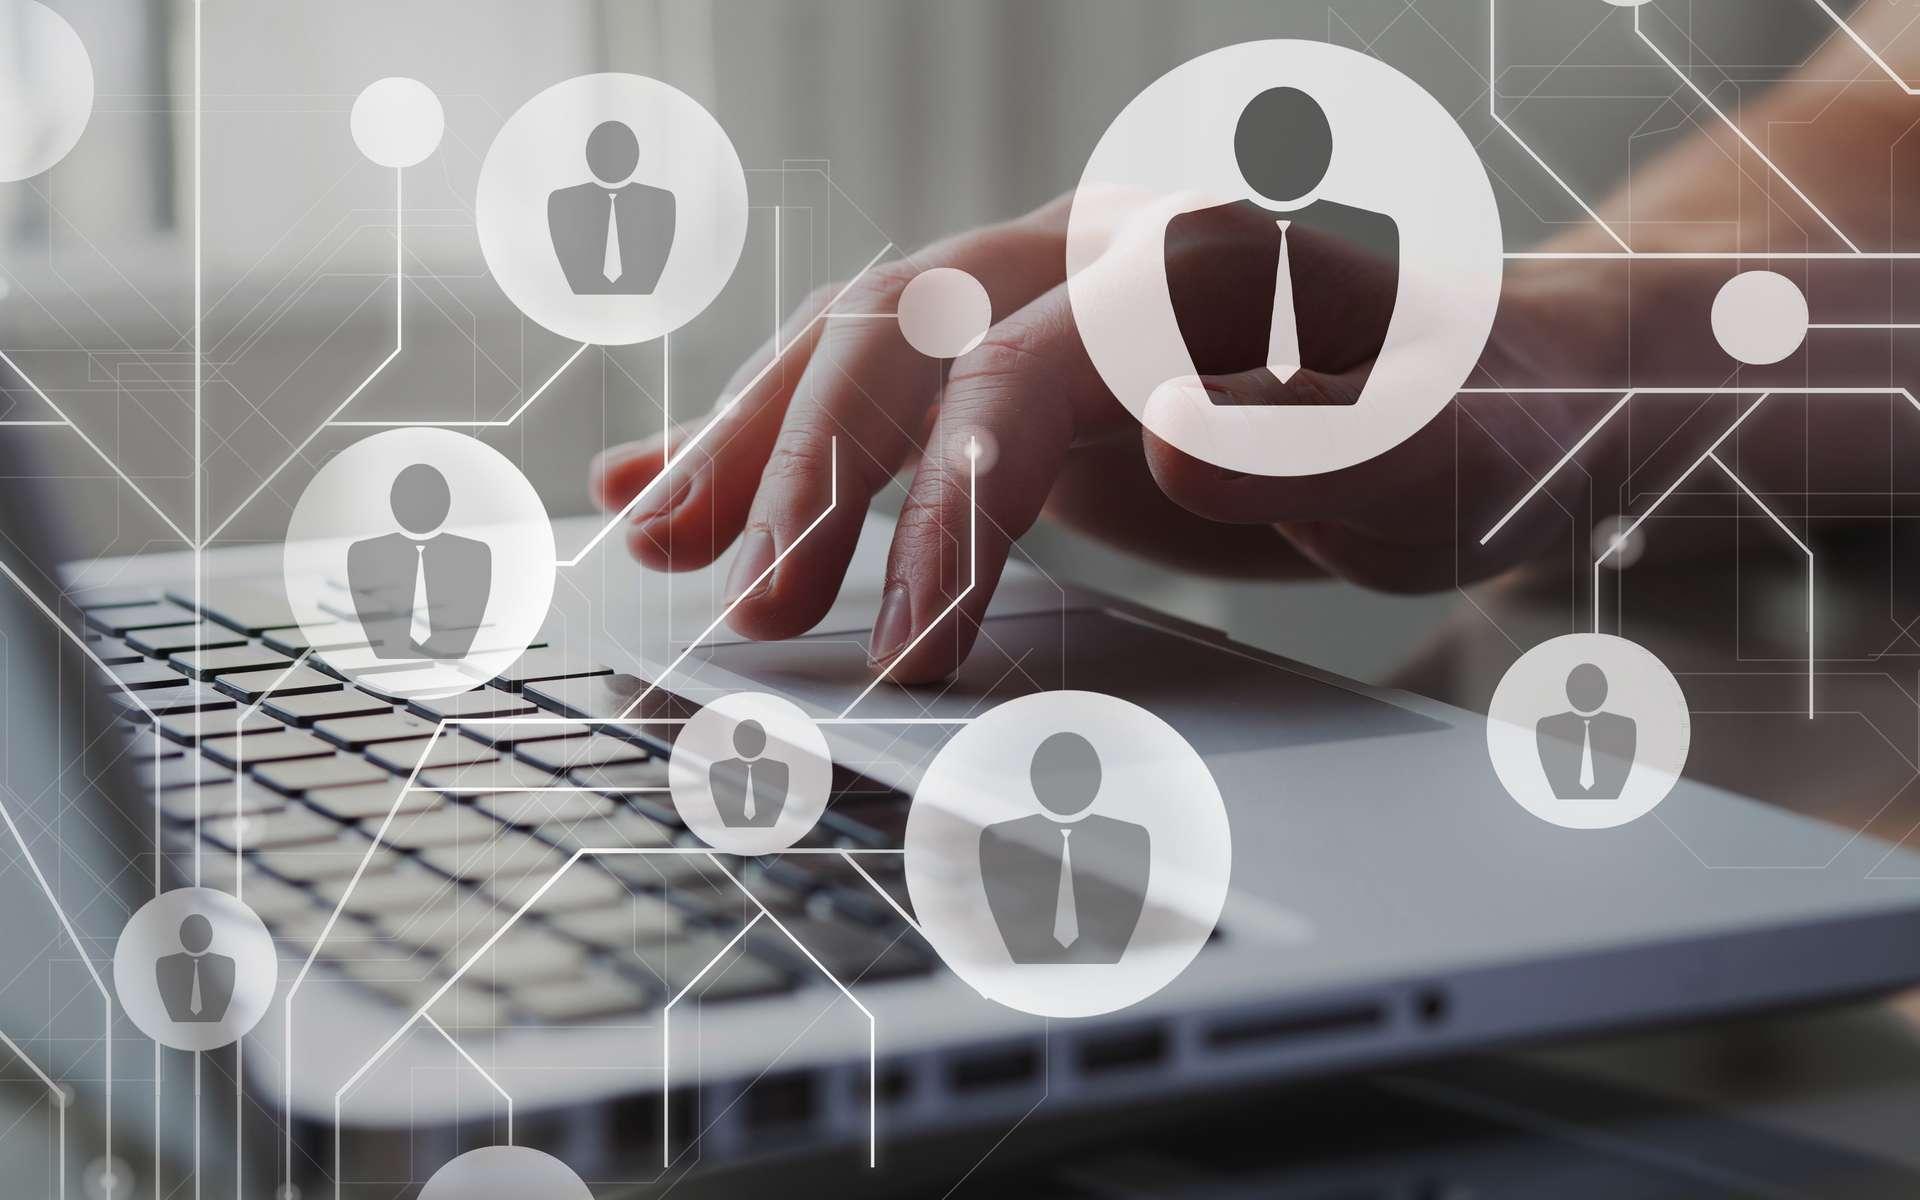 Le CRM en entreprise offre plusieurs avantages dans le cadre de la gestion des relations clients. © Michael Traitov, Adobe Stock